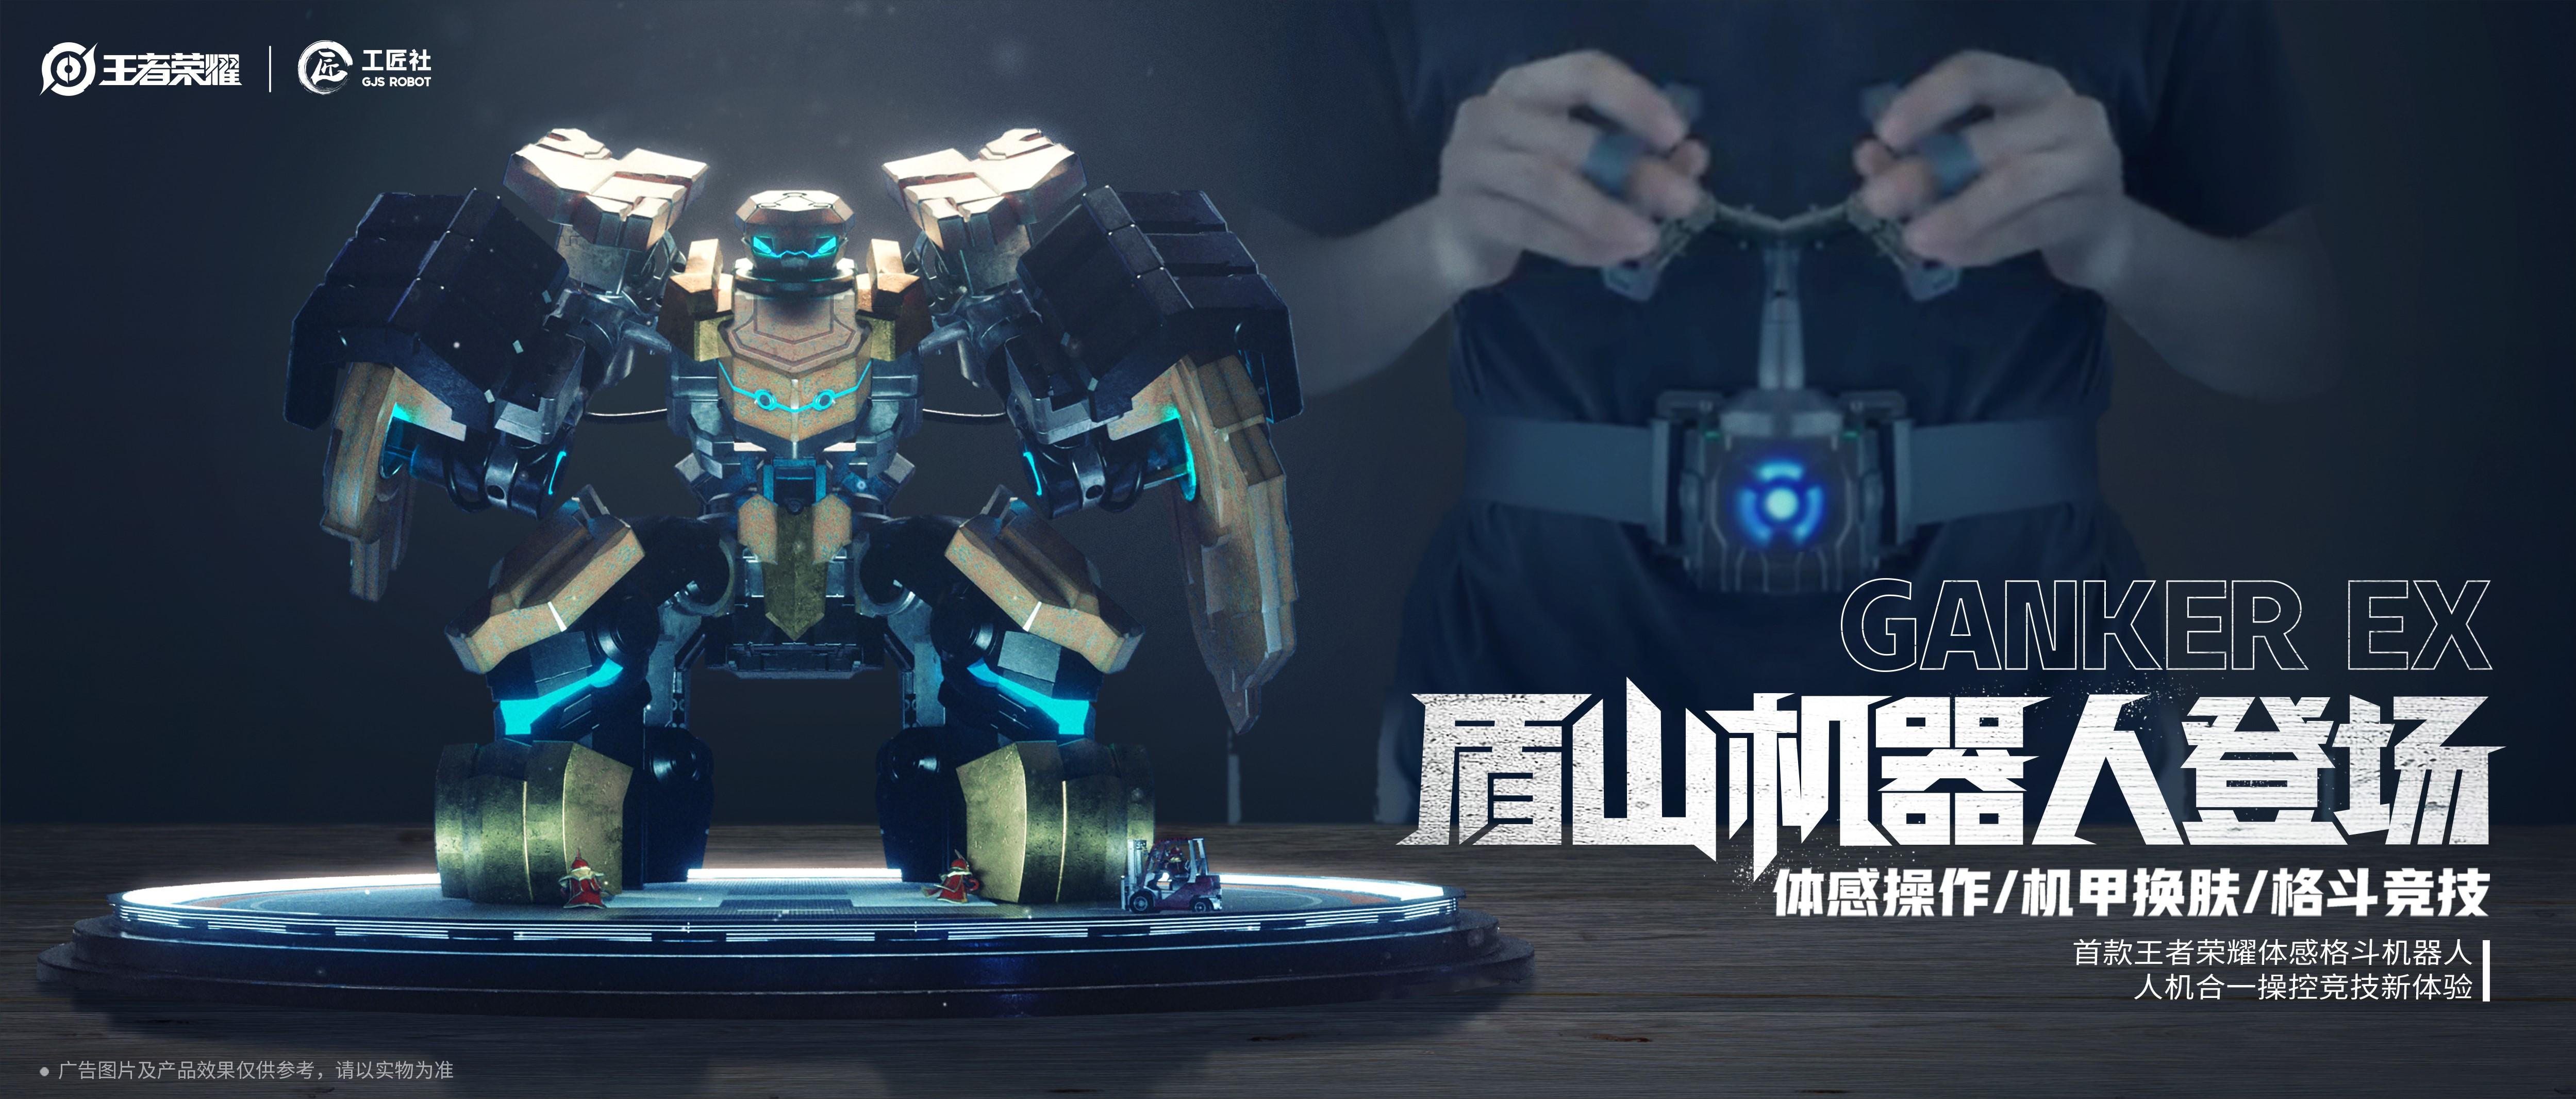 工匠社GANKEREX盾山机器人正式上线,打开竞技机器人想象空间